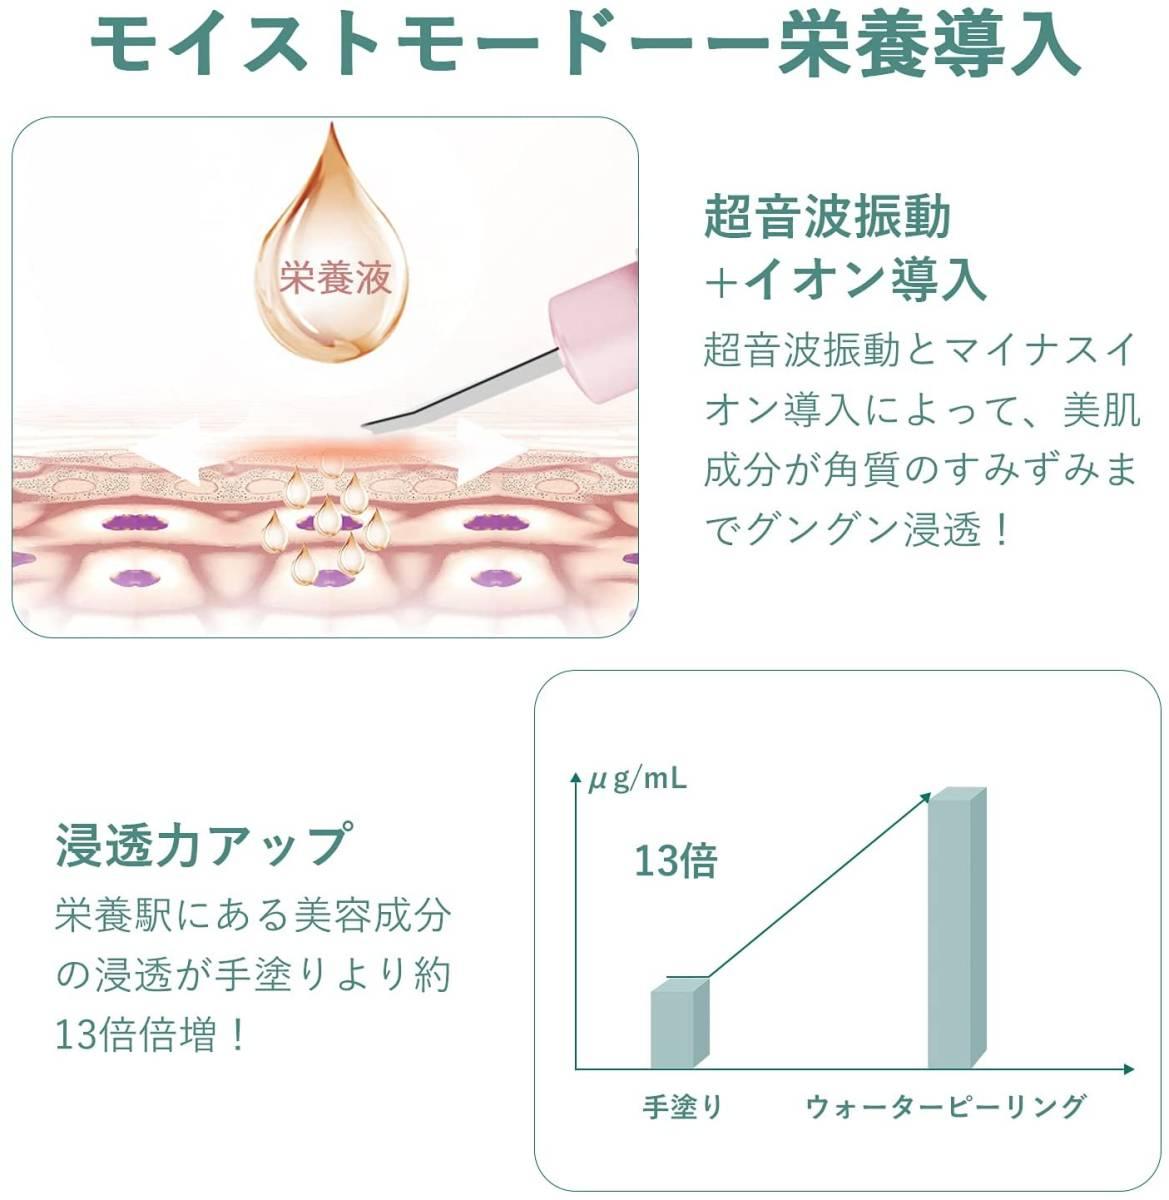 ウォーターピーリング 超音波 美顔器 ピーリング 4段階強度調節 イオン導出 イオン導入 EMS微電流 引き締め 黒ずみ (ピンク